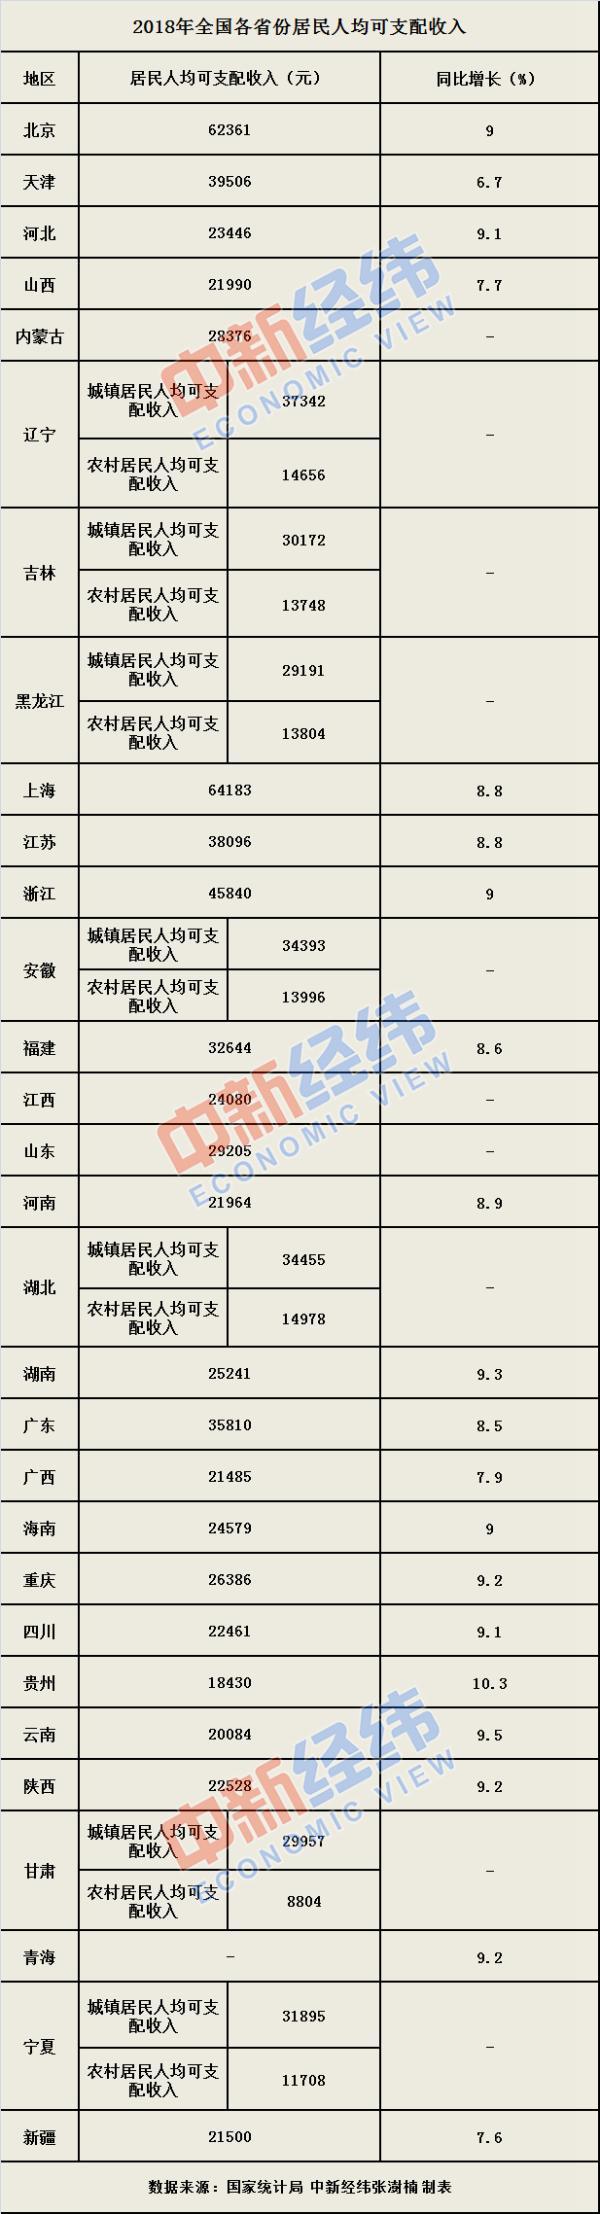 2018年各省份居民人均收入公布:沪、京、浙位列前三